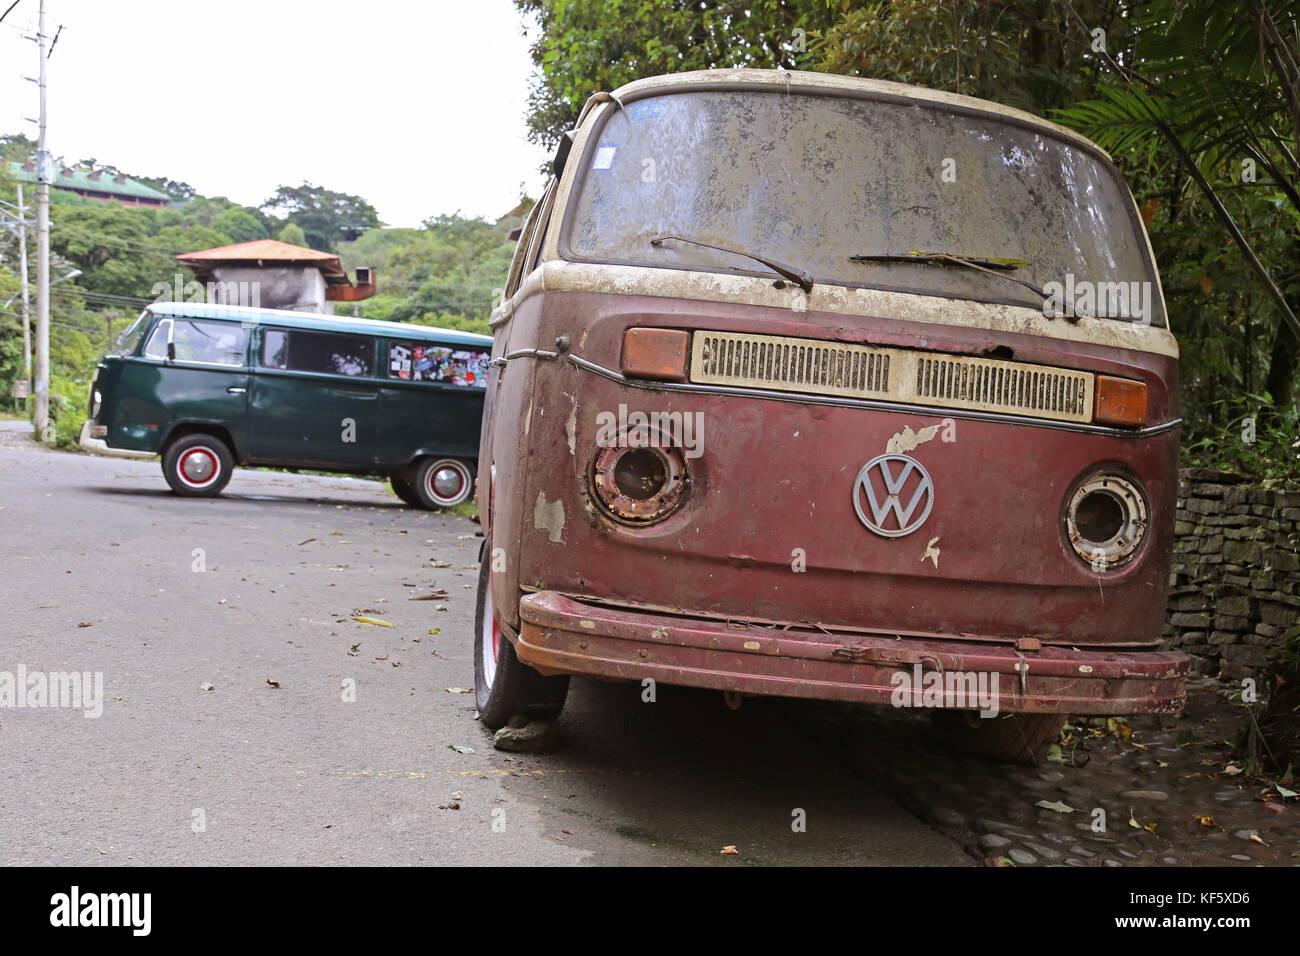 Volkswagen campervans, Cerro Plano, Santa Elena (Monteverde), provincia de Puntarenas, Costa Rica, Centroamérica Foto de stock